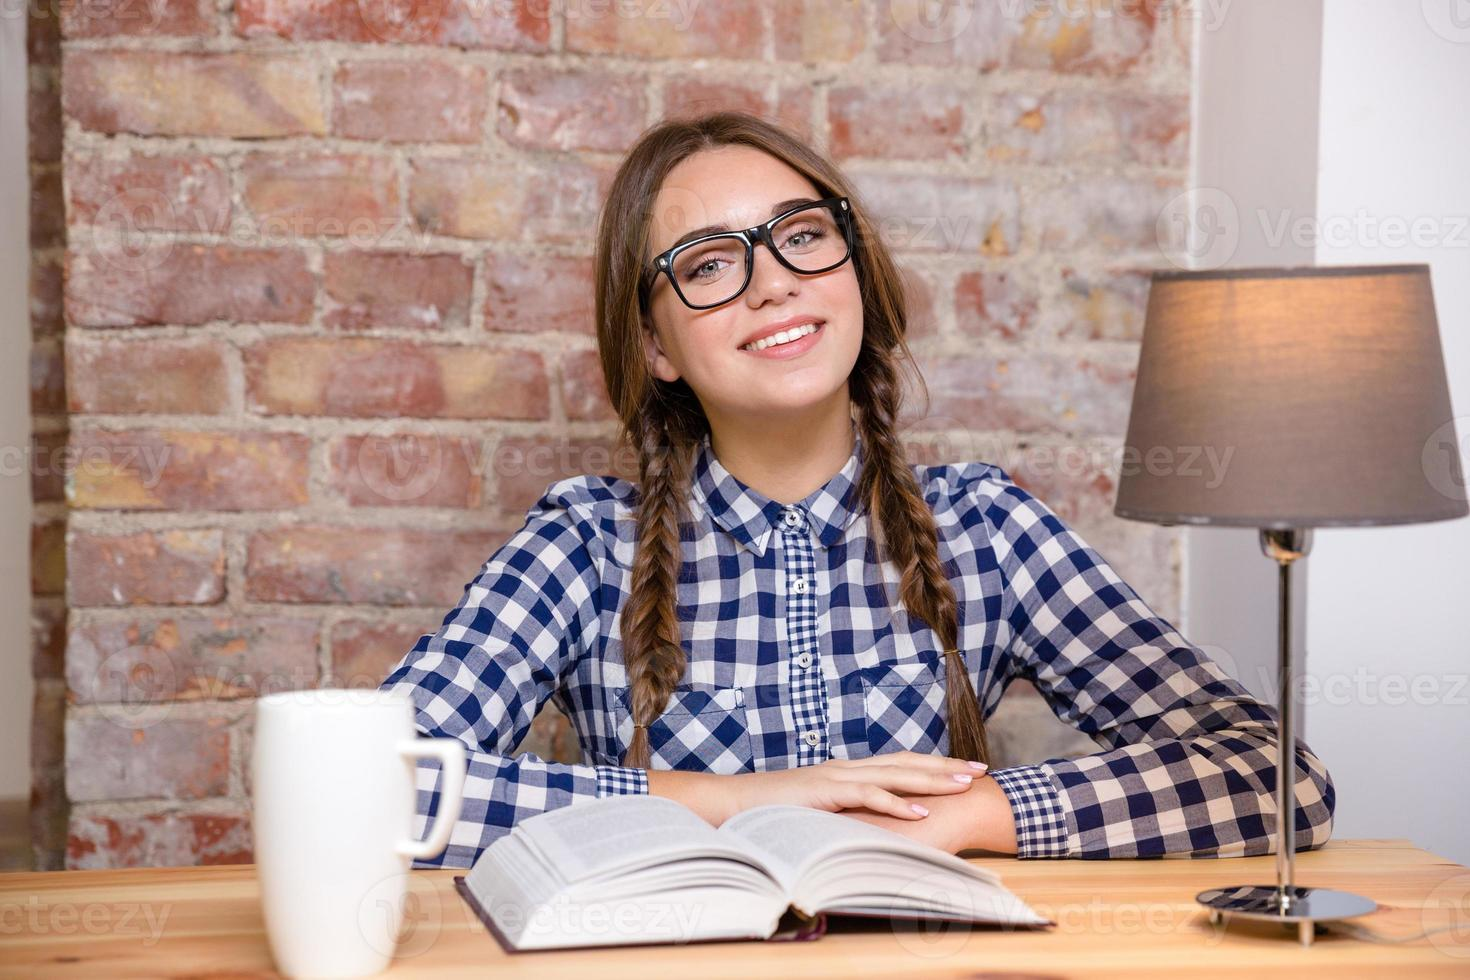 glückliche Frau in den Gläsern, die am Tisch mit Buch sitzen foto